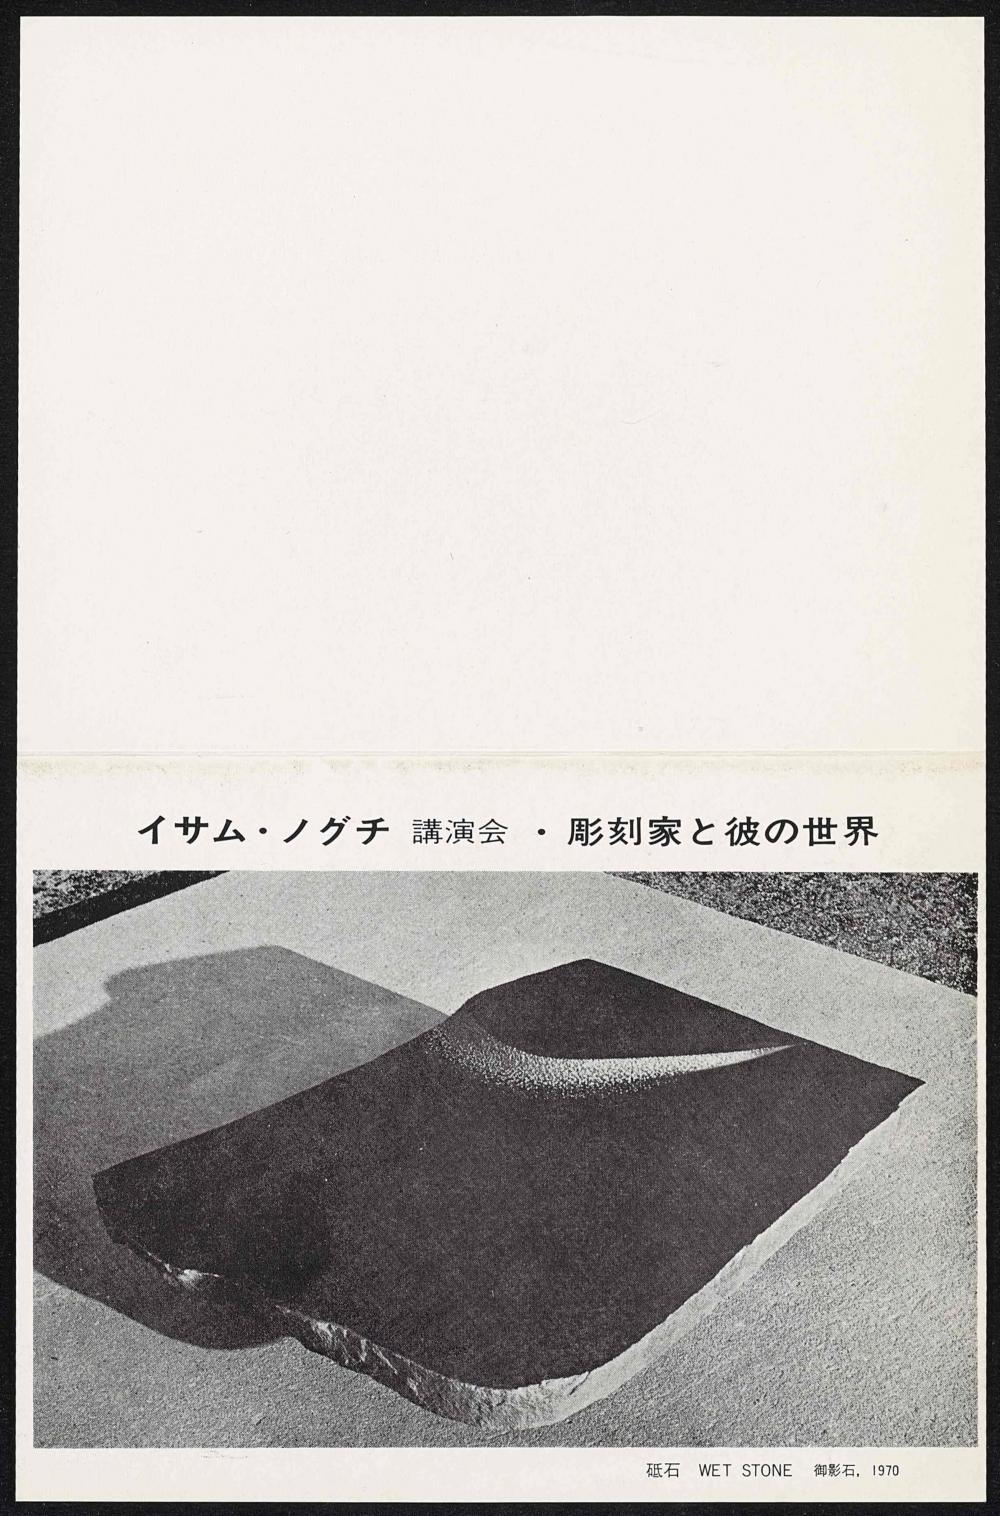 Minami Gallery exhibition brochure